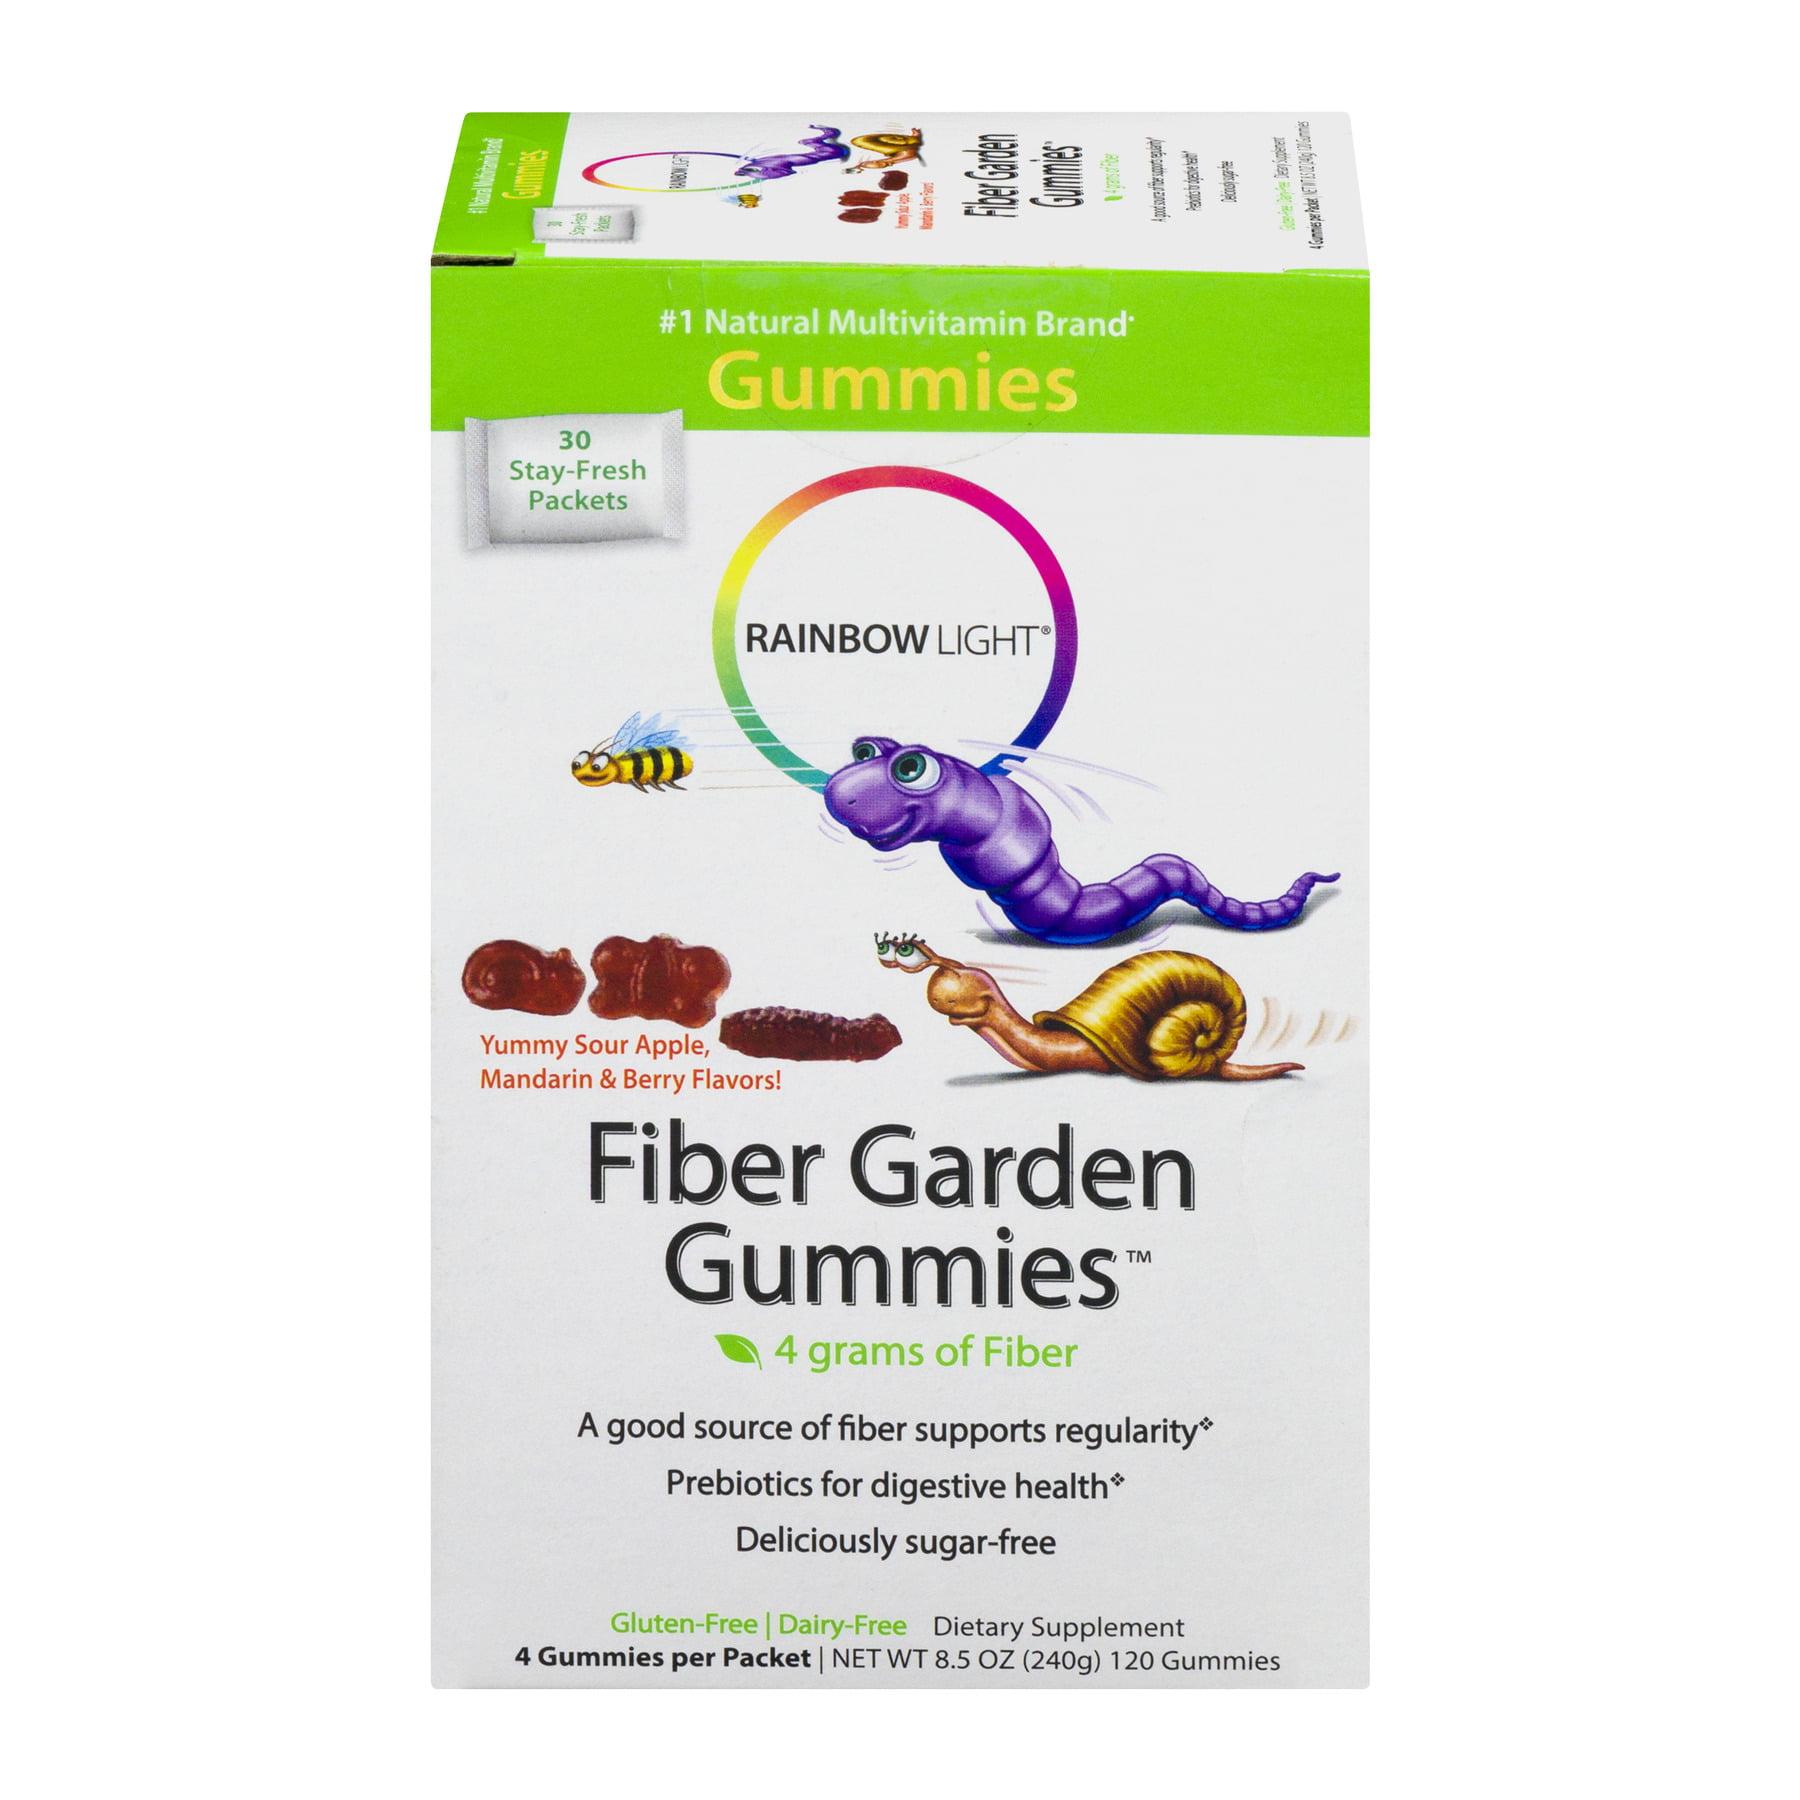 Rainbow Light Fiber Garden Gummies™ 30 pk box